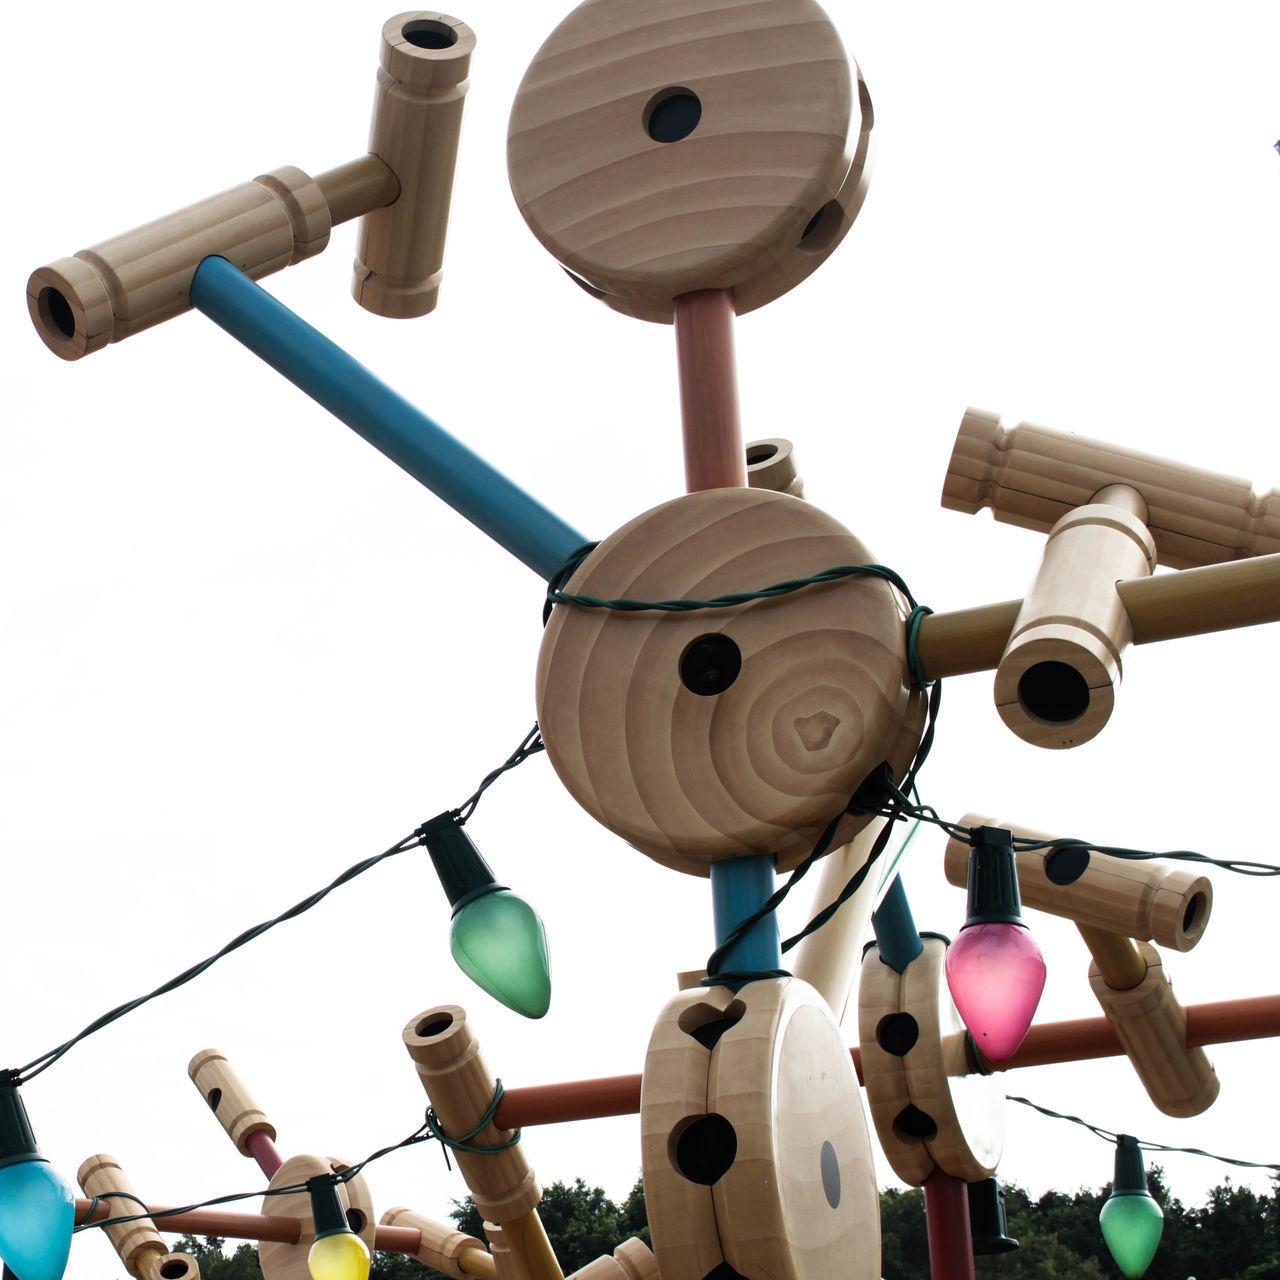 Clock Day Disneyland HongKong Hongkong Disneyland No People Outdoors Sky Toystory